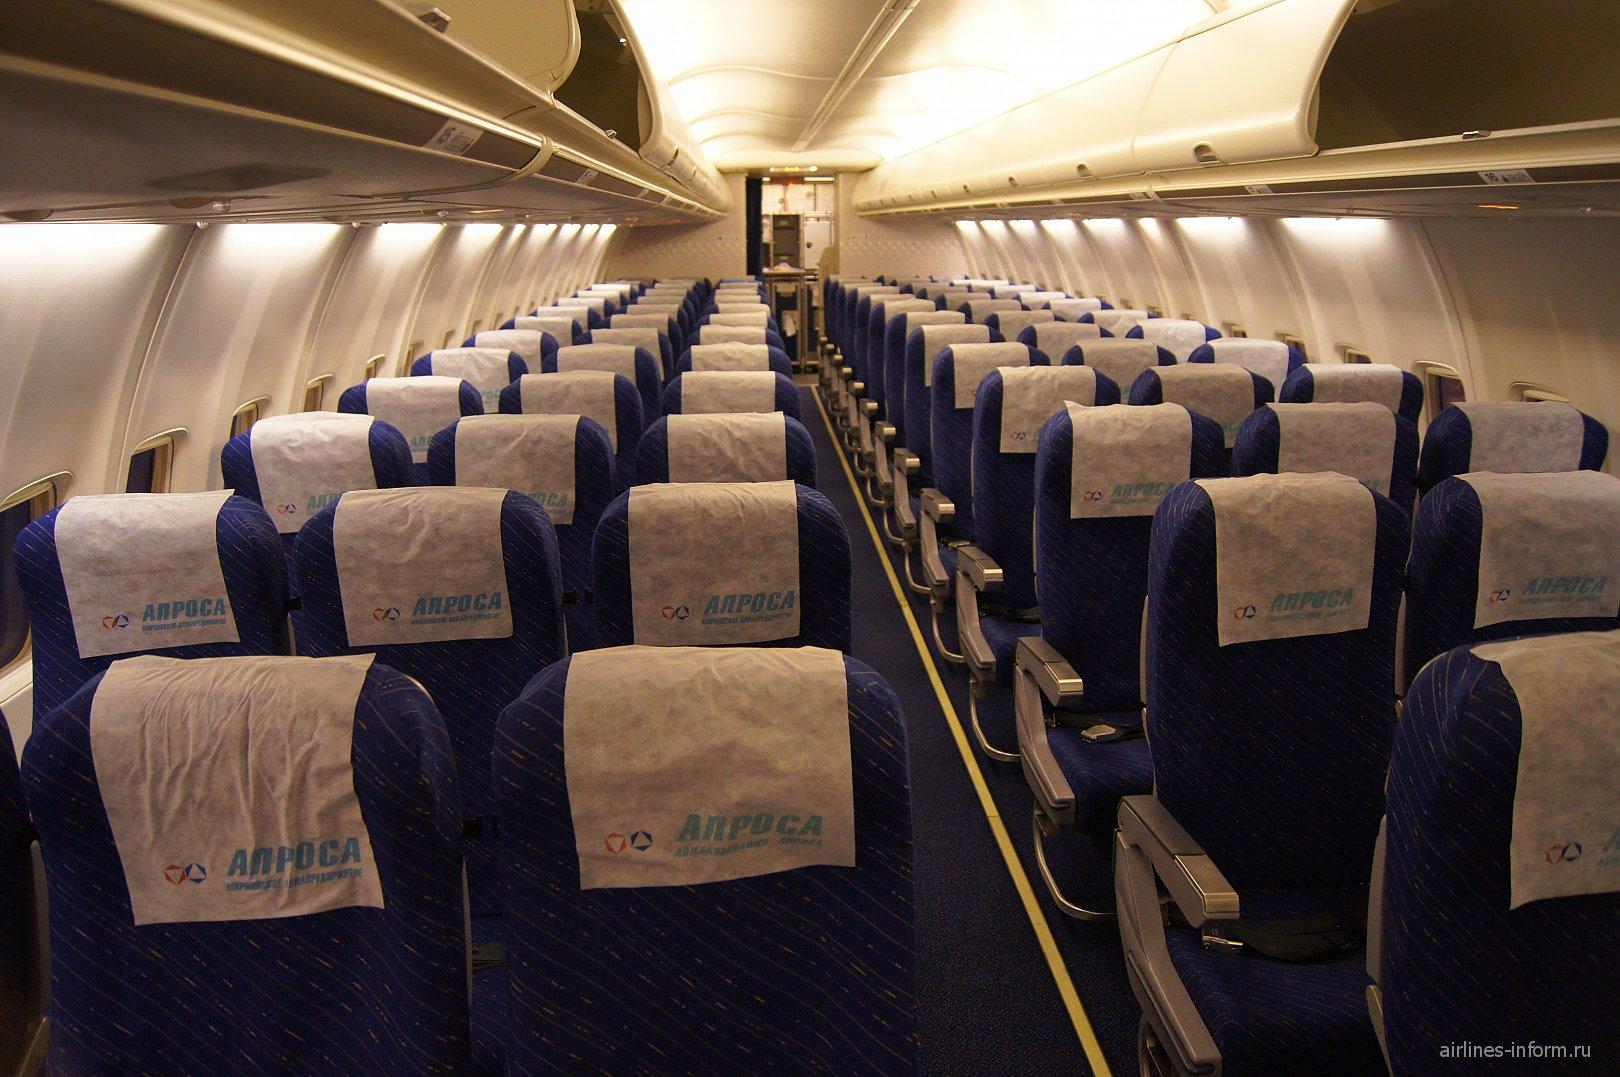 """Салон самолета Боинг-737-800 авиакомпании """"Алроса"""""""